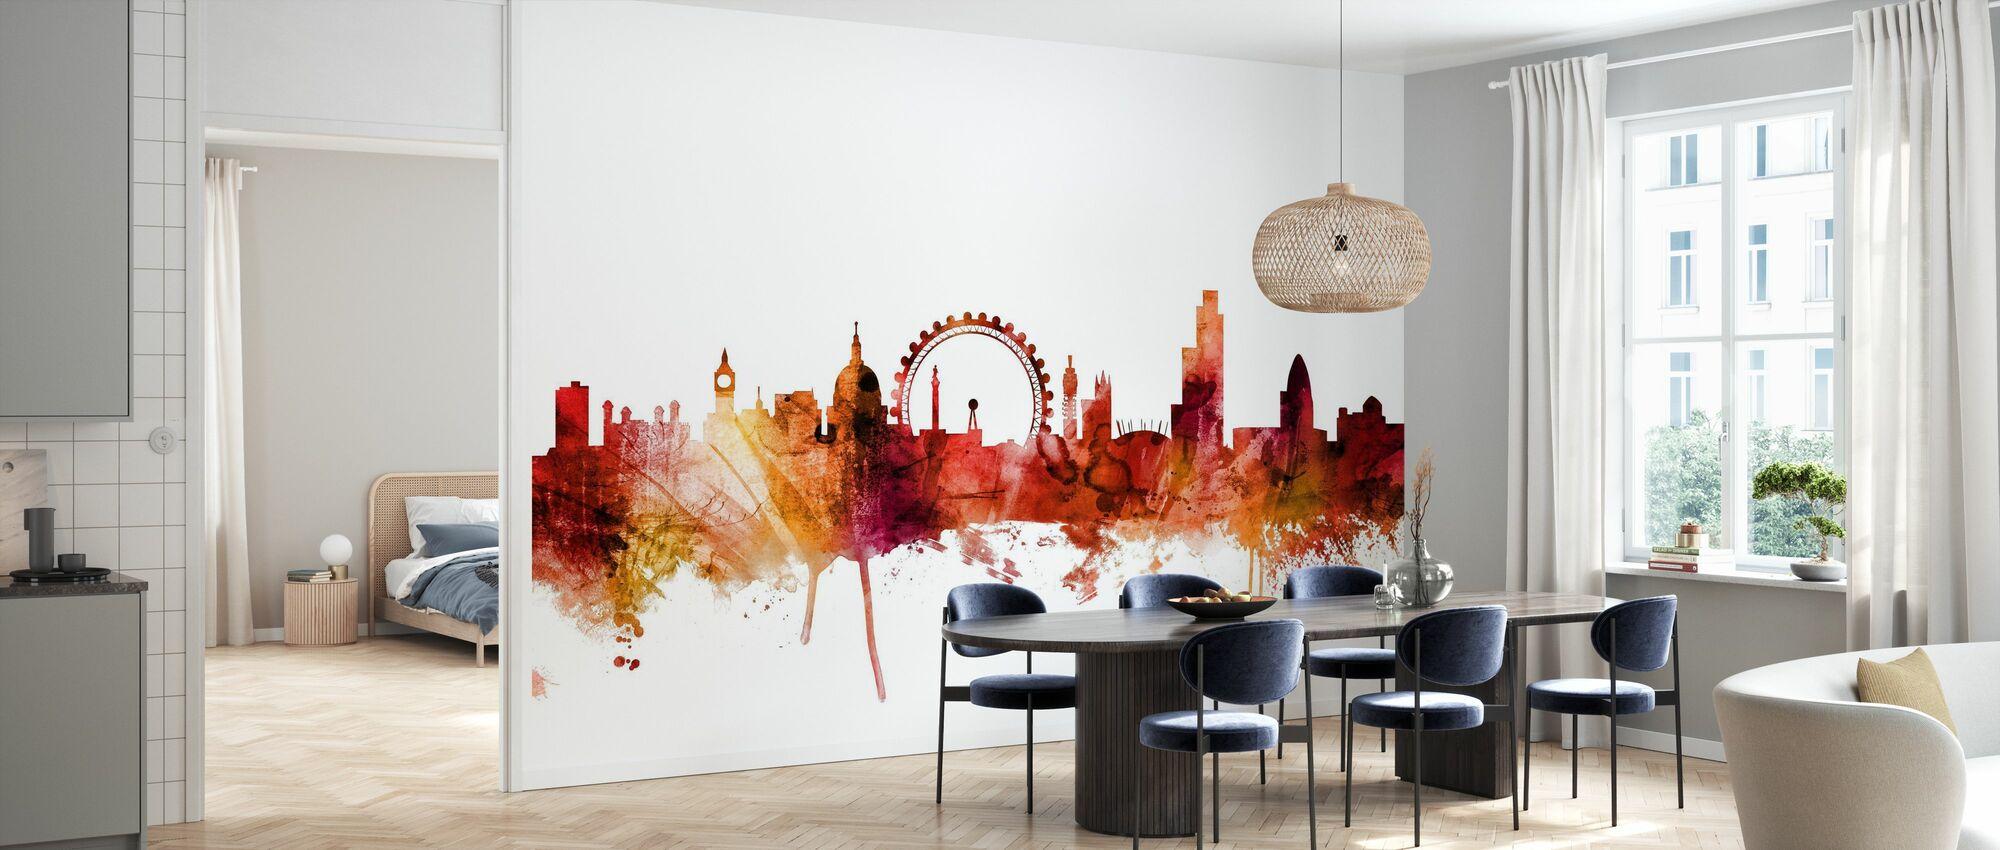 London England Skyline - Tapet - Kjøkken